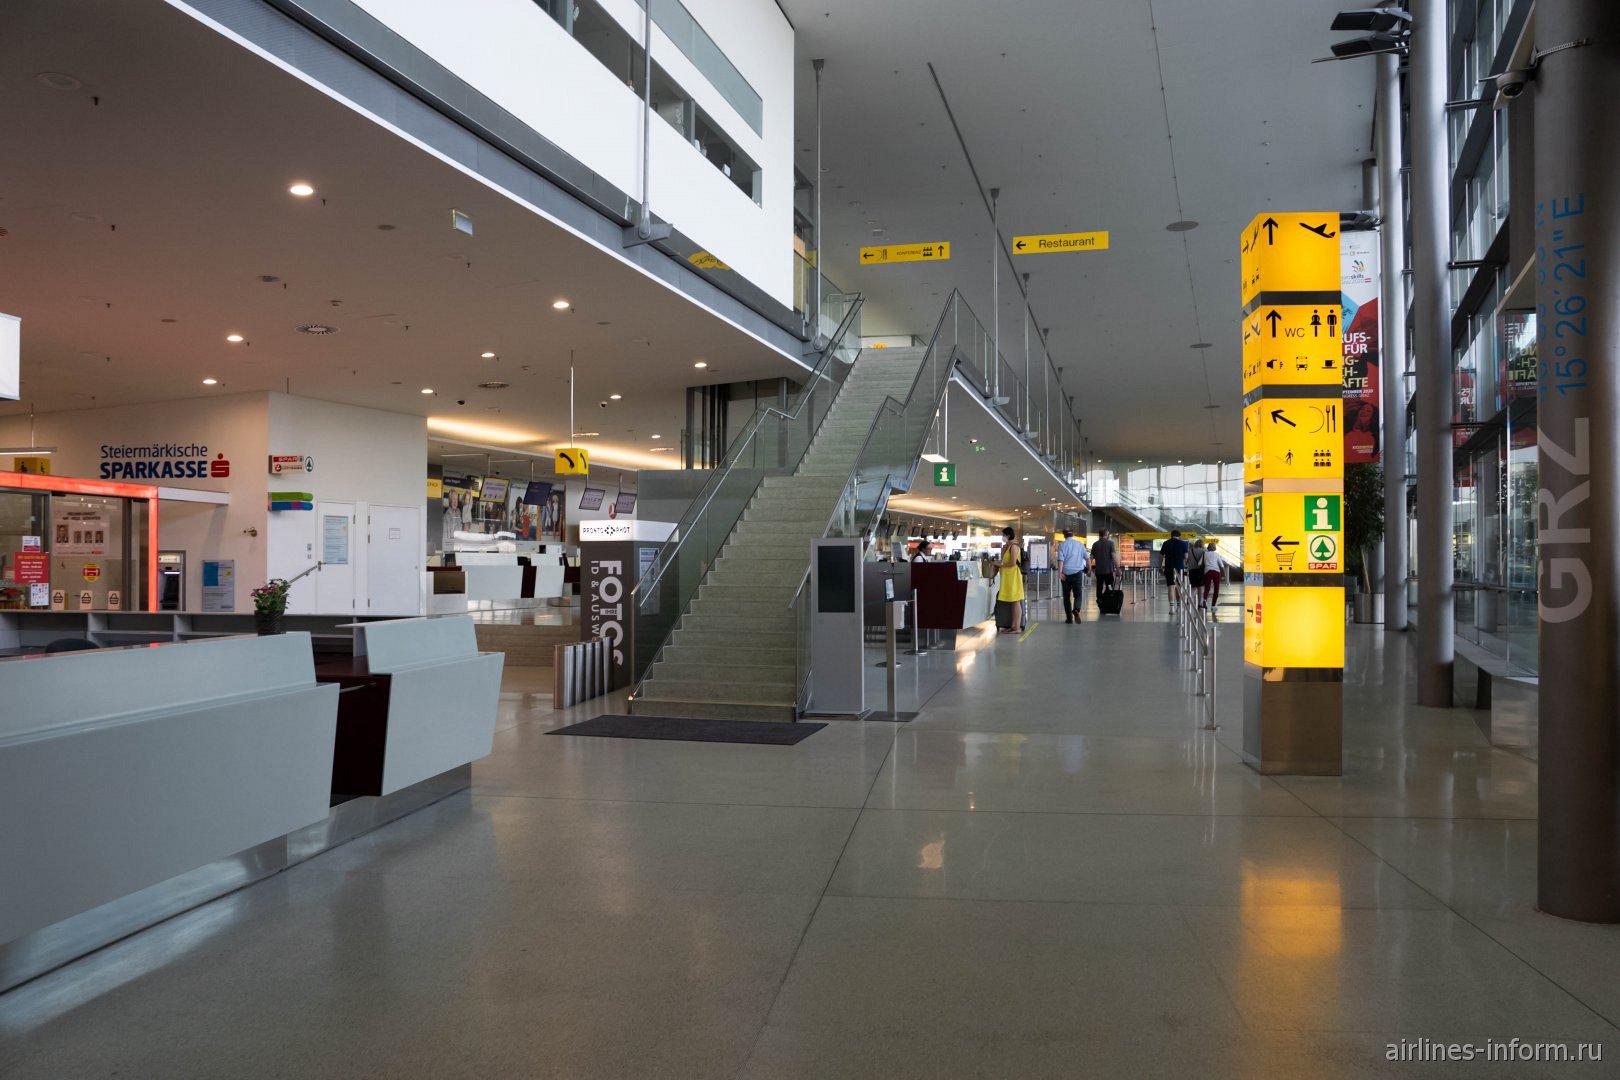 В пассажирском терминале аэропорта Грац Талерхоф